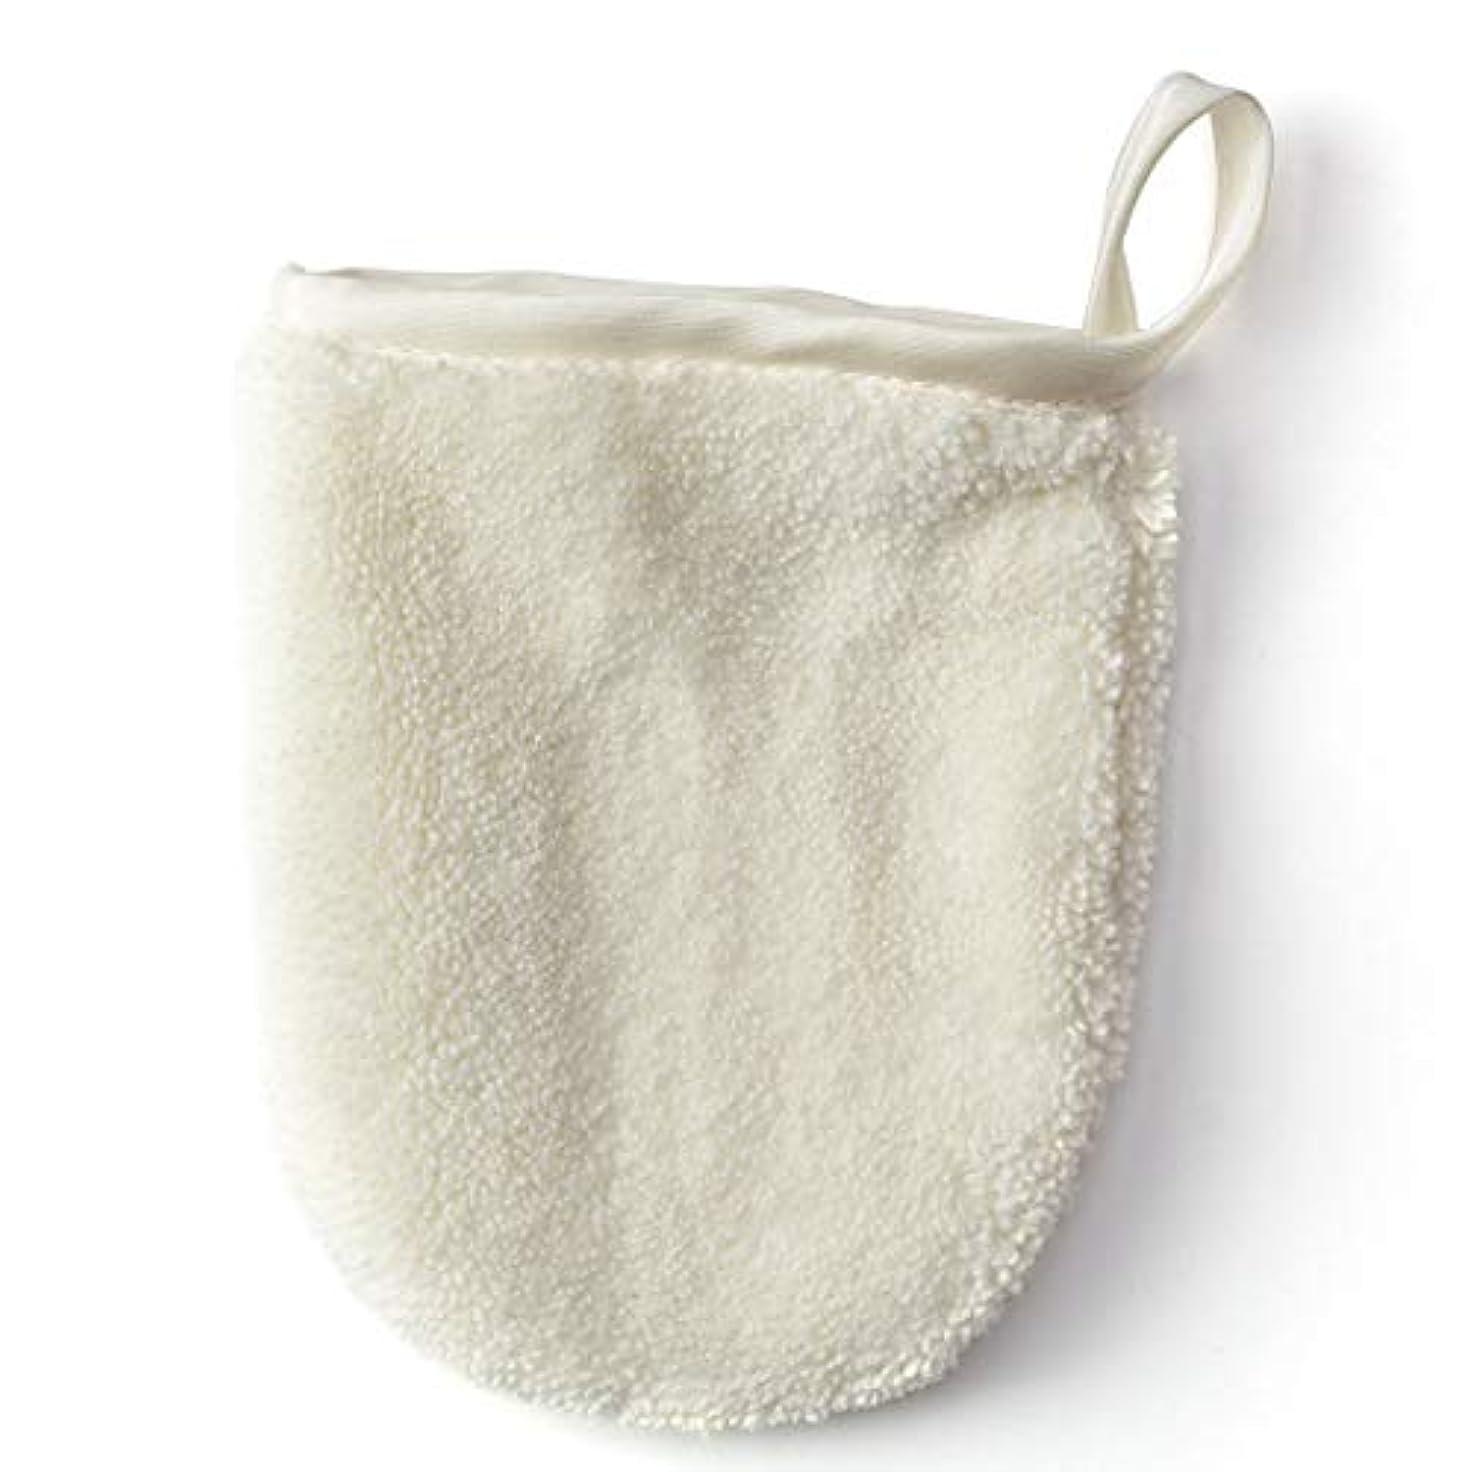 迫害長々と必要条件メイク落とし布マジックタオル、再使用可能な洗顔タオル - 化学薬品は、ただ水で化粧をすぐに取除きます(5PCS),White